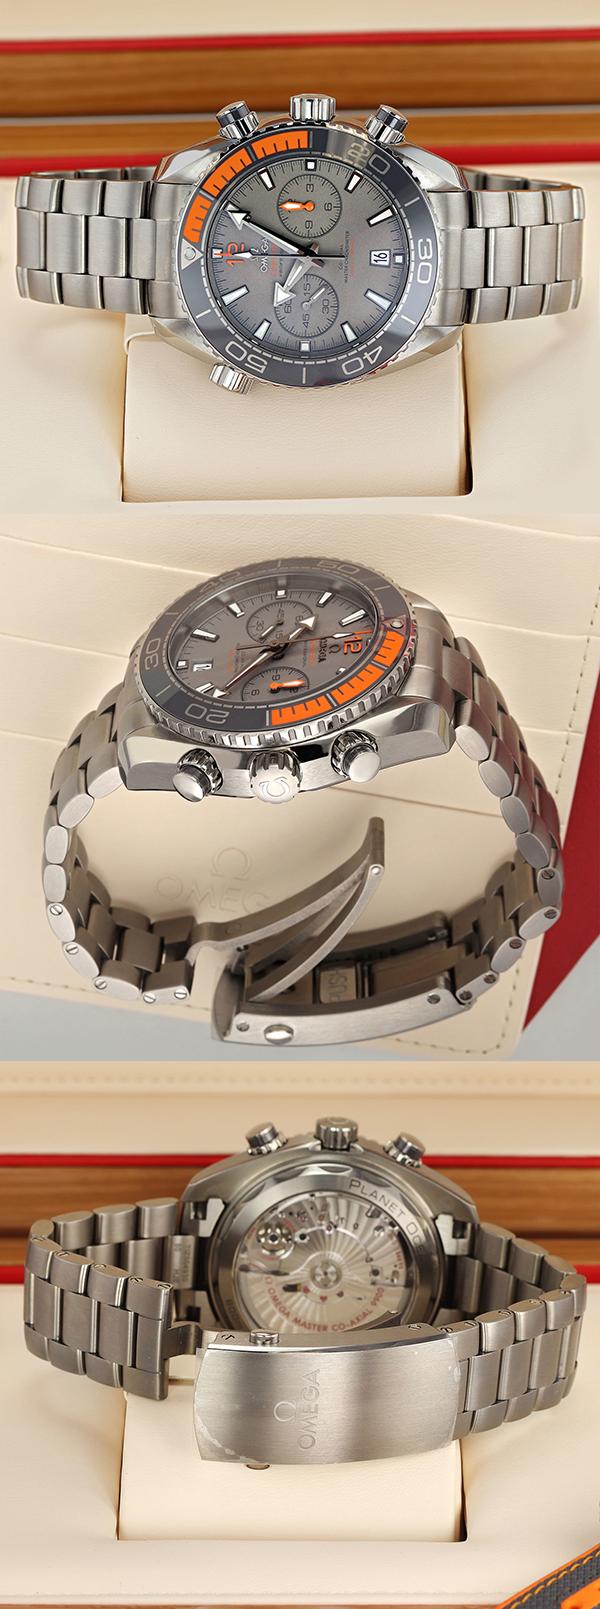 Shop bán Rolex Malaysia, Tissot, Omega, Longines Thụy Sỹ new fullbox 917USD giảm giá còn 250USD